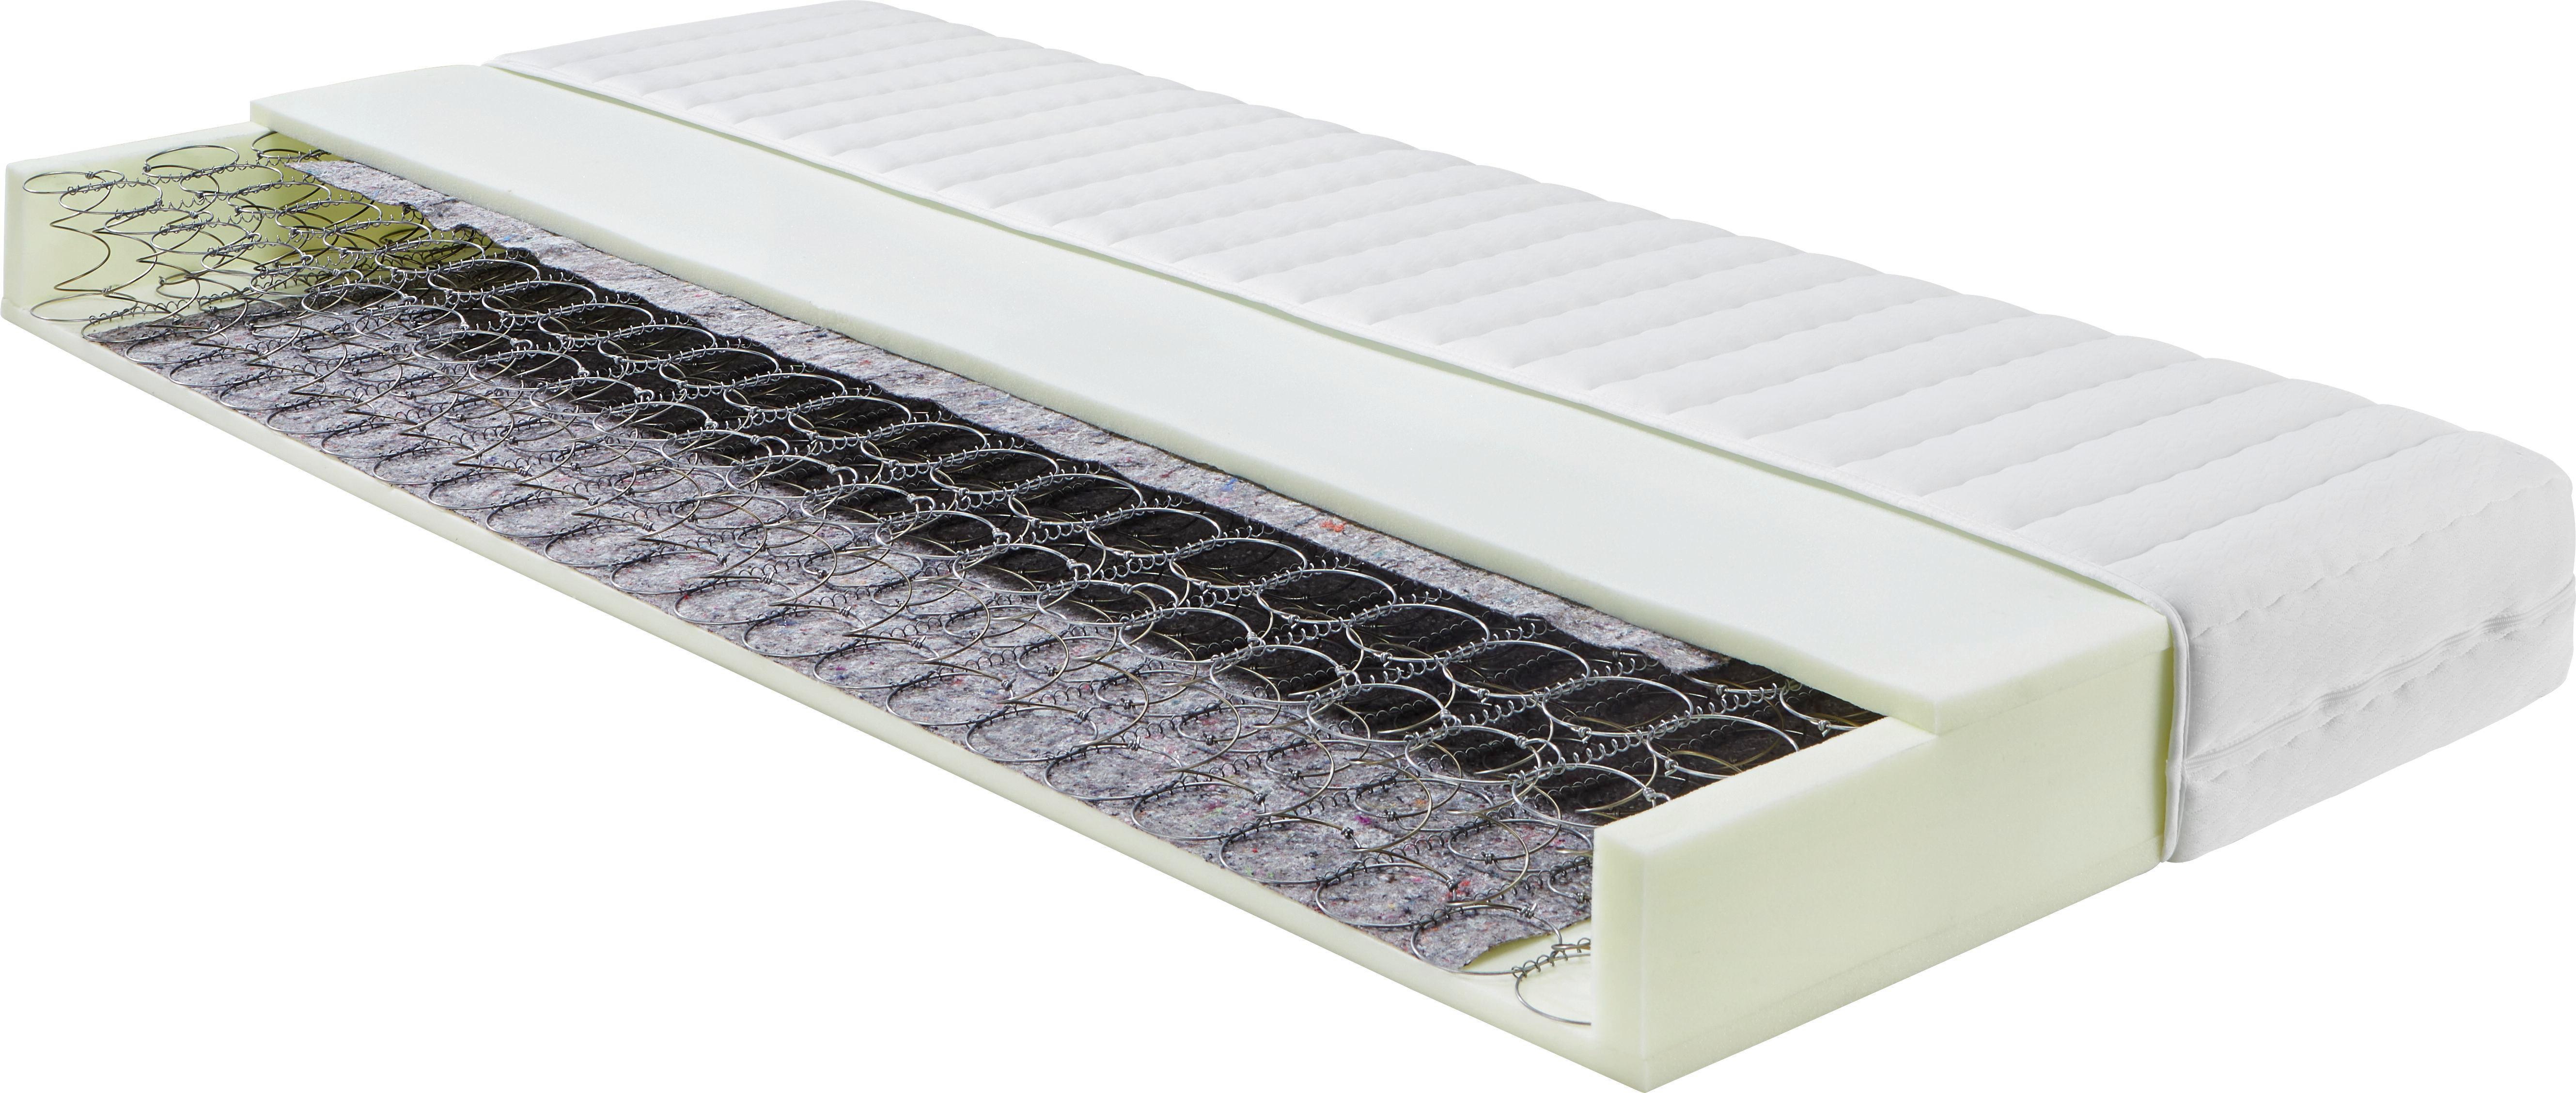 Federkernmatratze Bonellfederkern ca. 100x200cm - Weiß, KONVENTIONELL, Textil (100/200cm) - NADANA